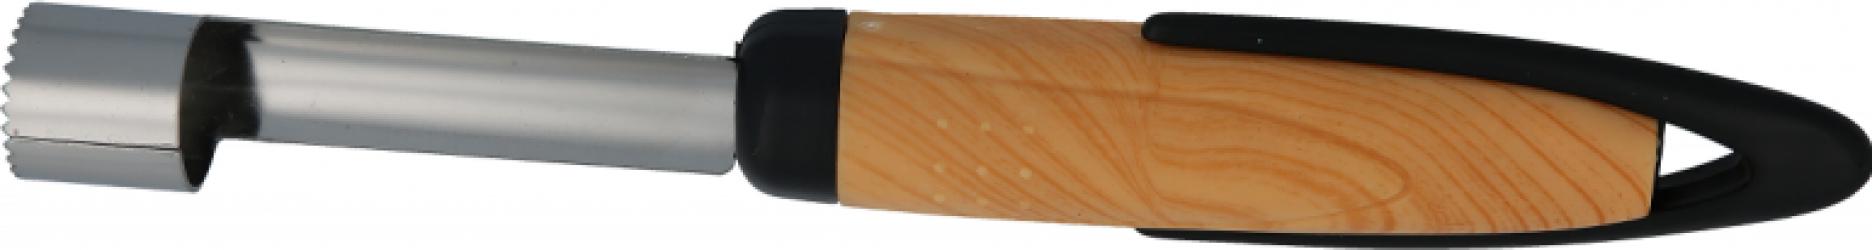 Dispozitiv pentru scobit mere S4021 Grunberg Ustensile gatit